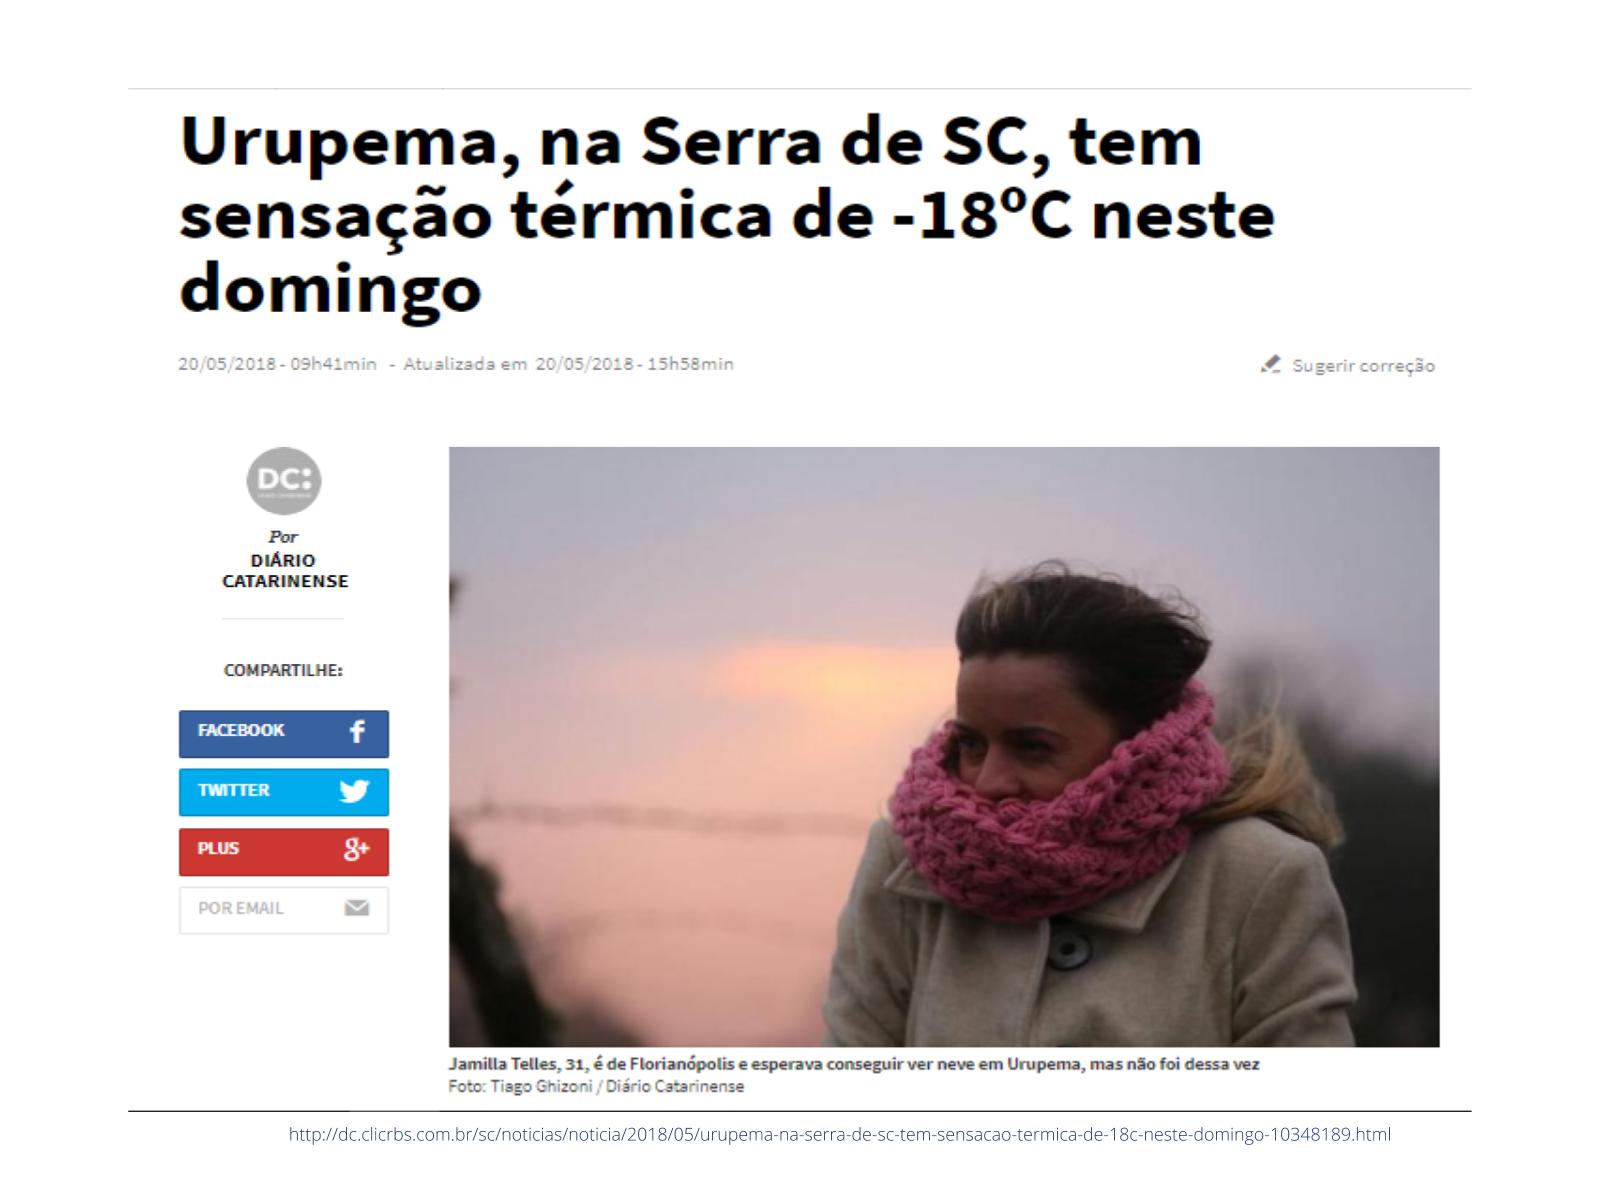 Sensação térmica